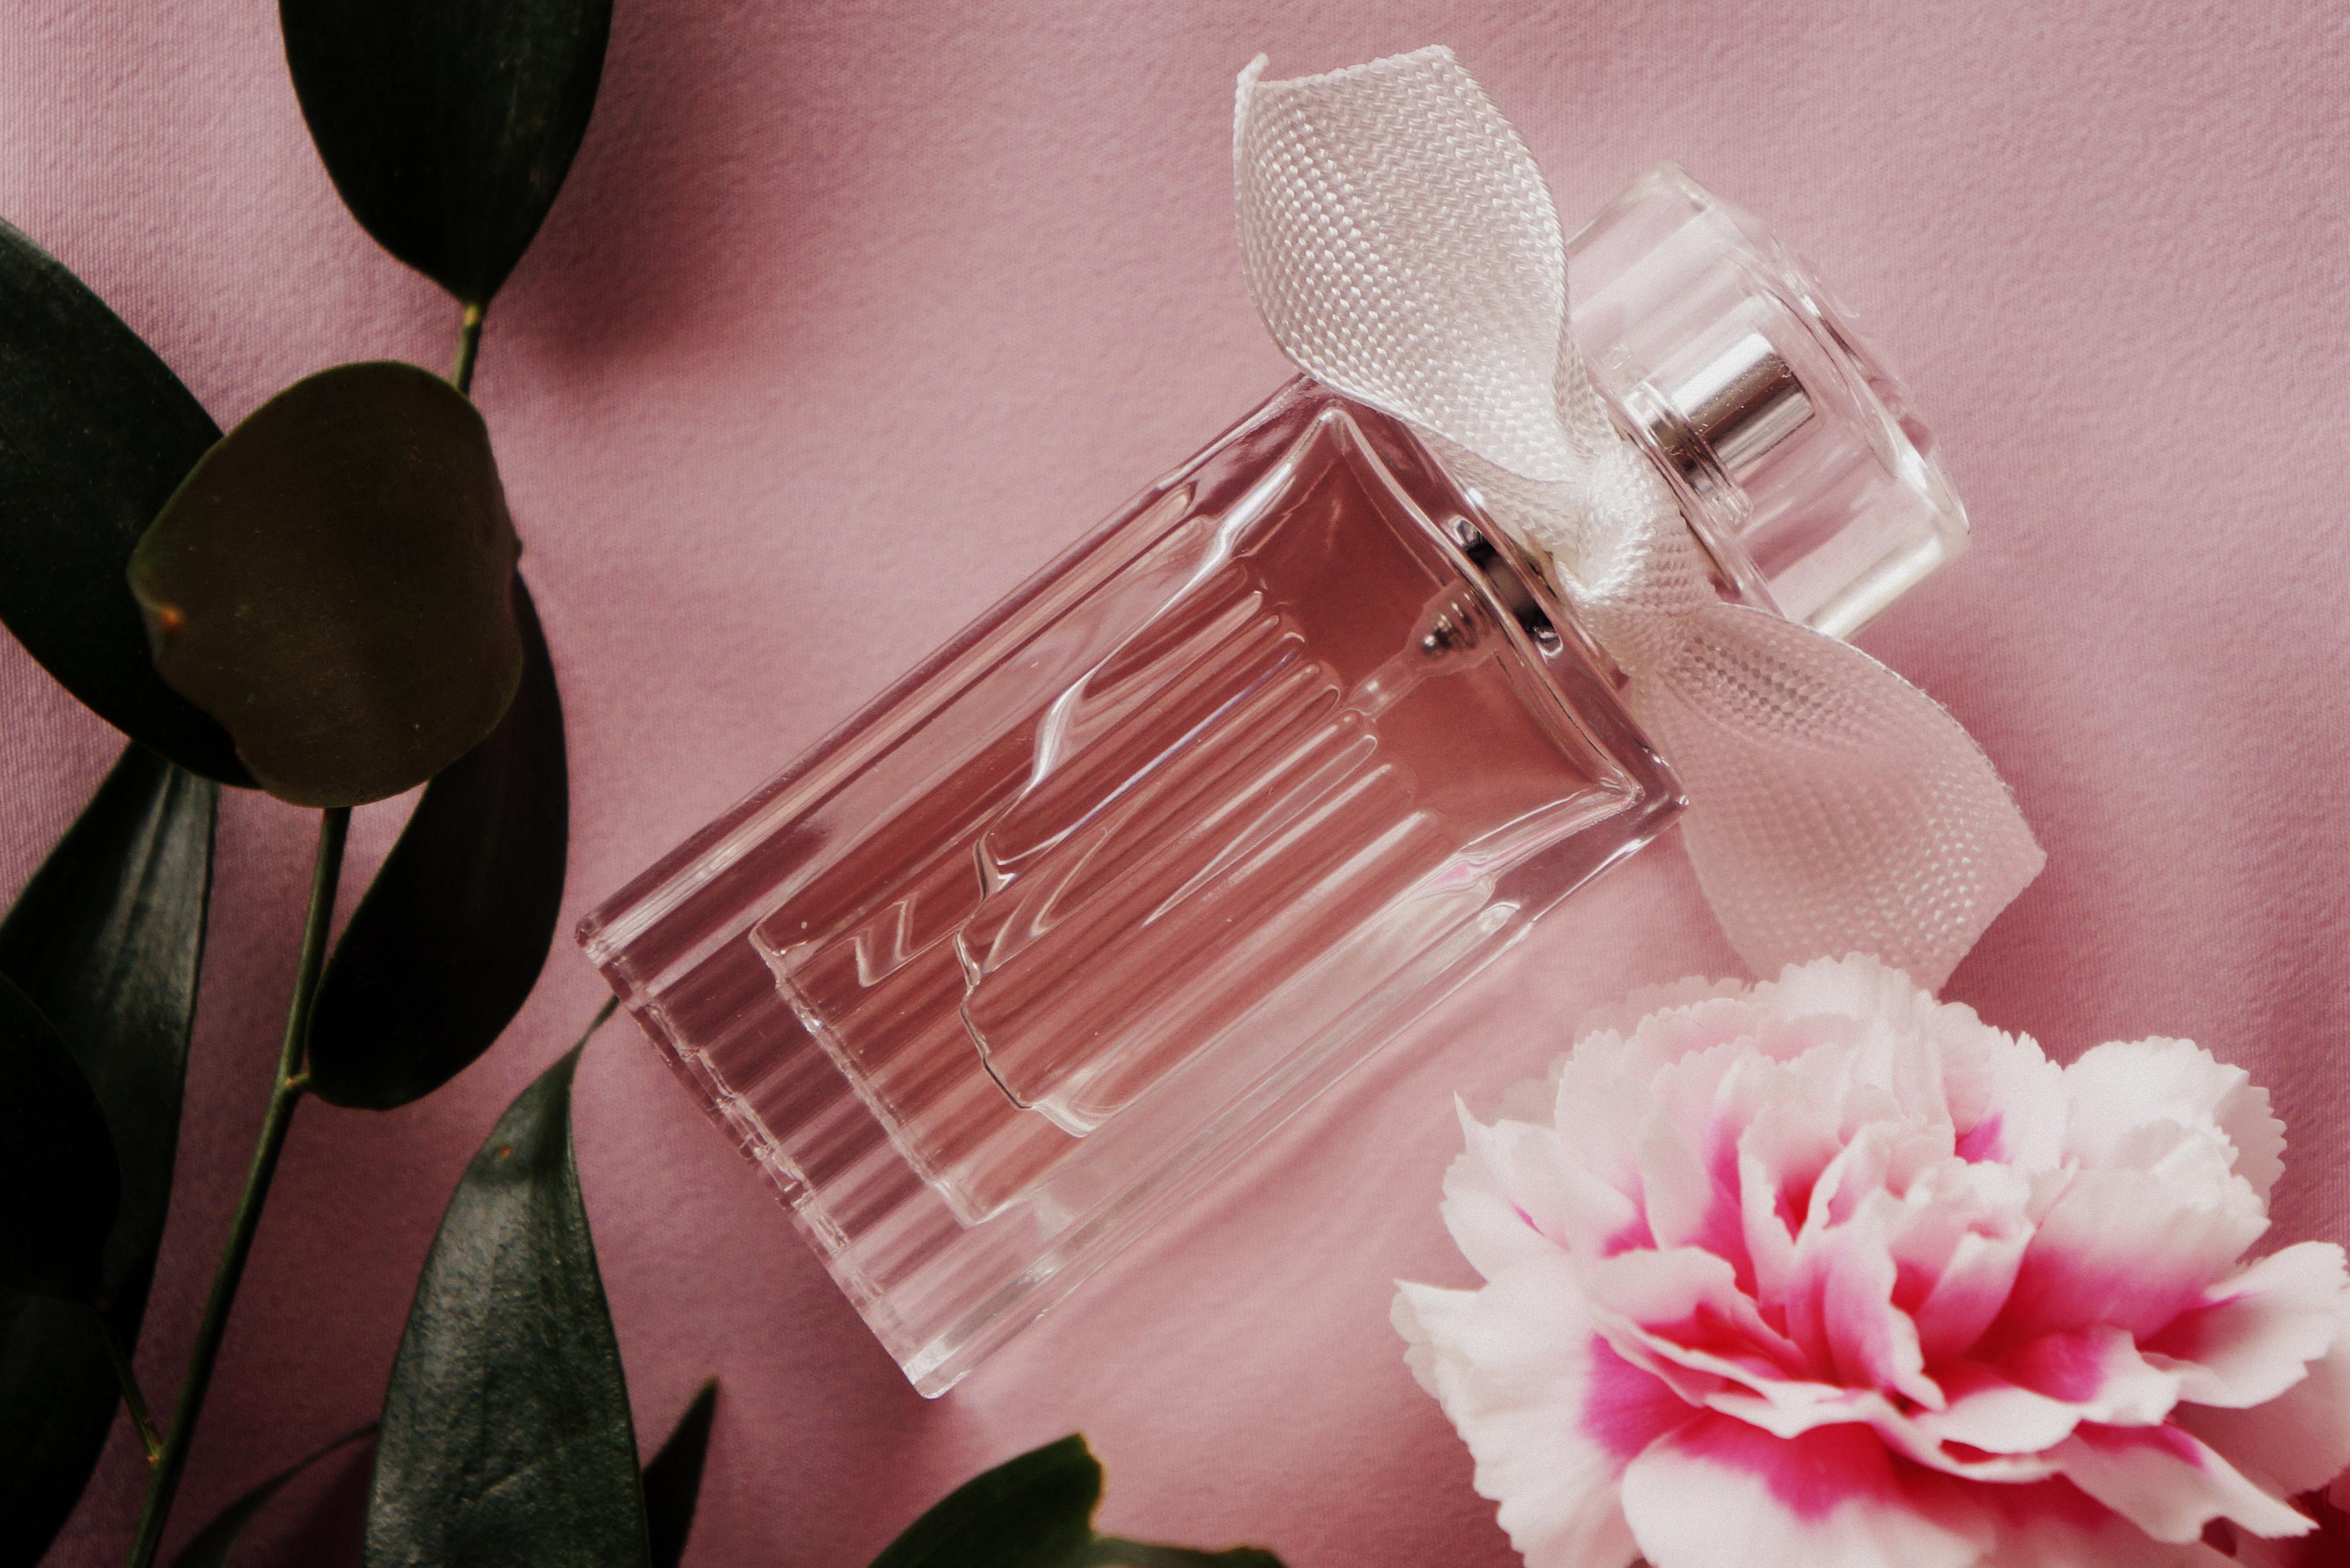 zauroczenia perfumowe edpholiczka chloe